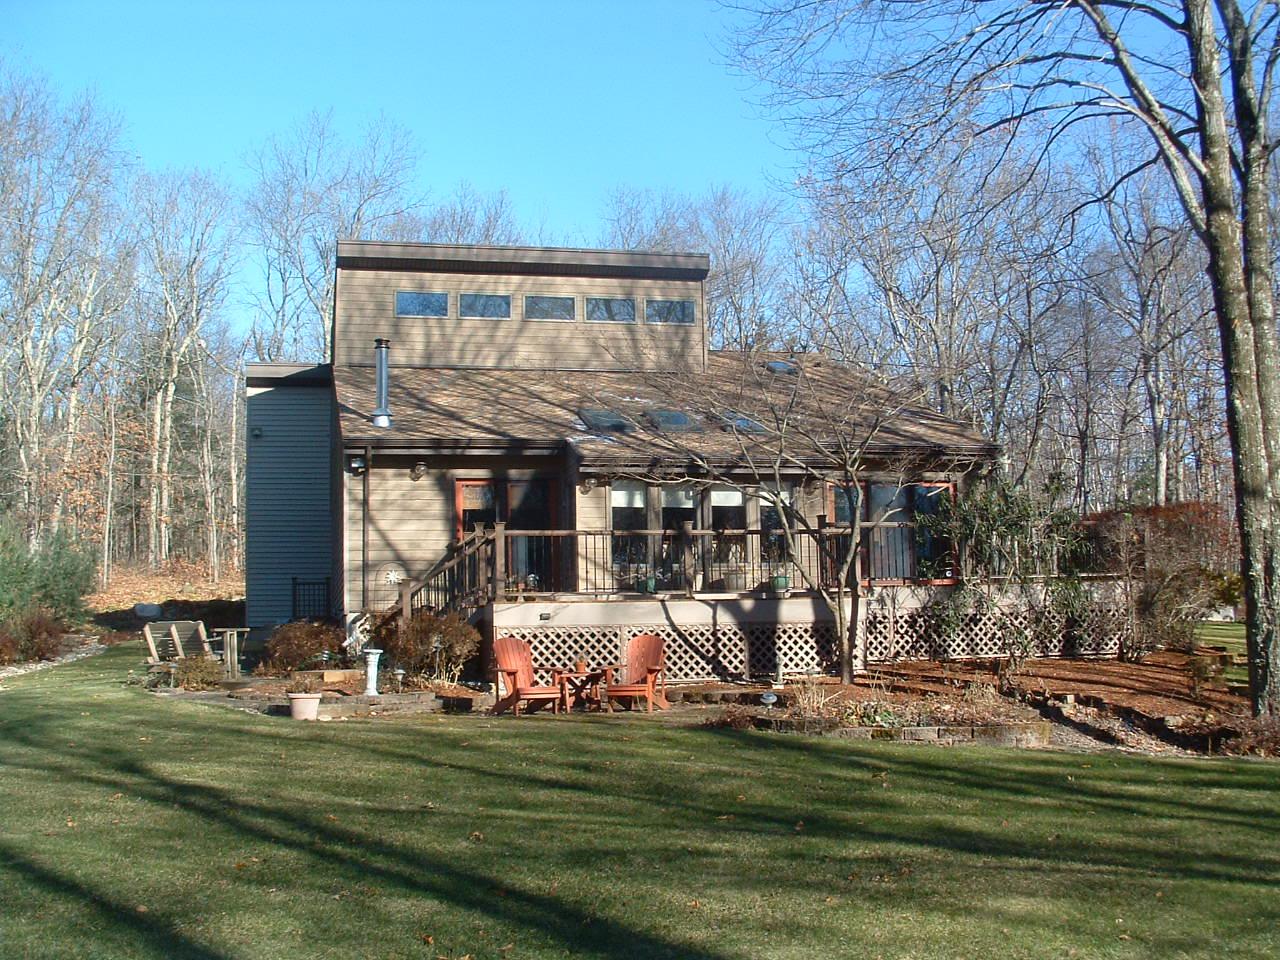 Condominium Home Inspection.   $375.00